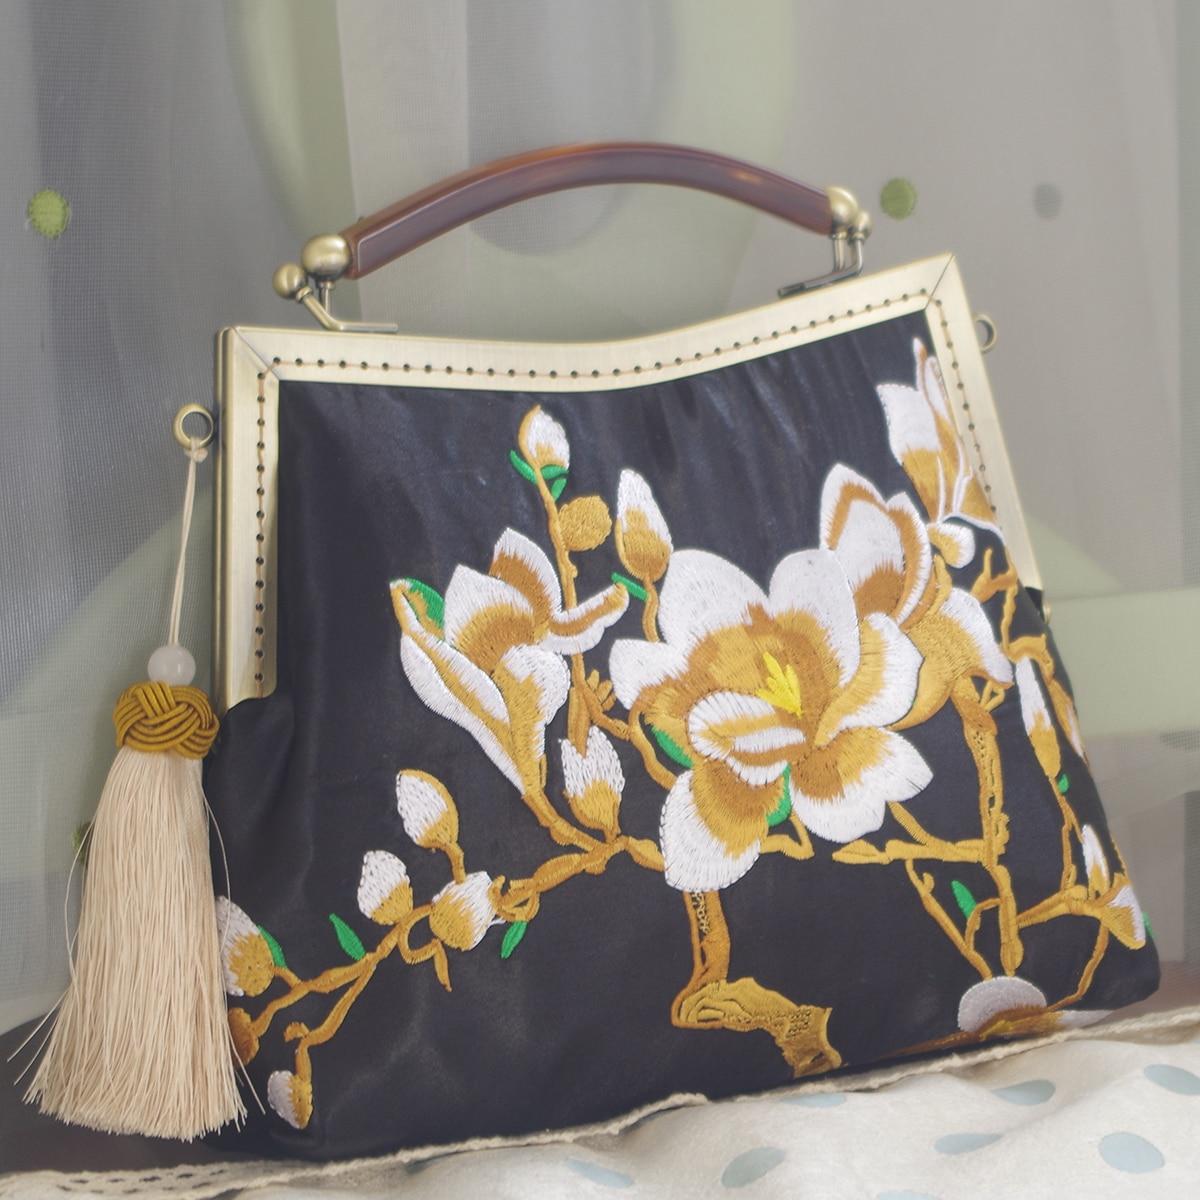 Bolso de mano con bordado Floral con imitación de ágata para mujer, estilo Retro chino, diseño tradicional, bandolera con flecos